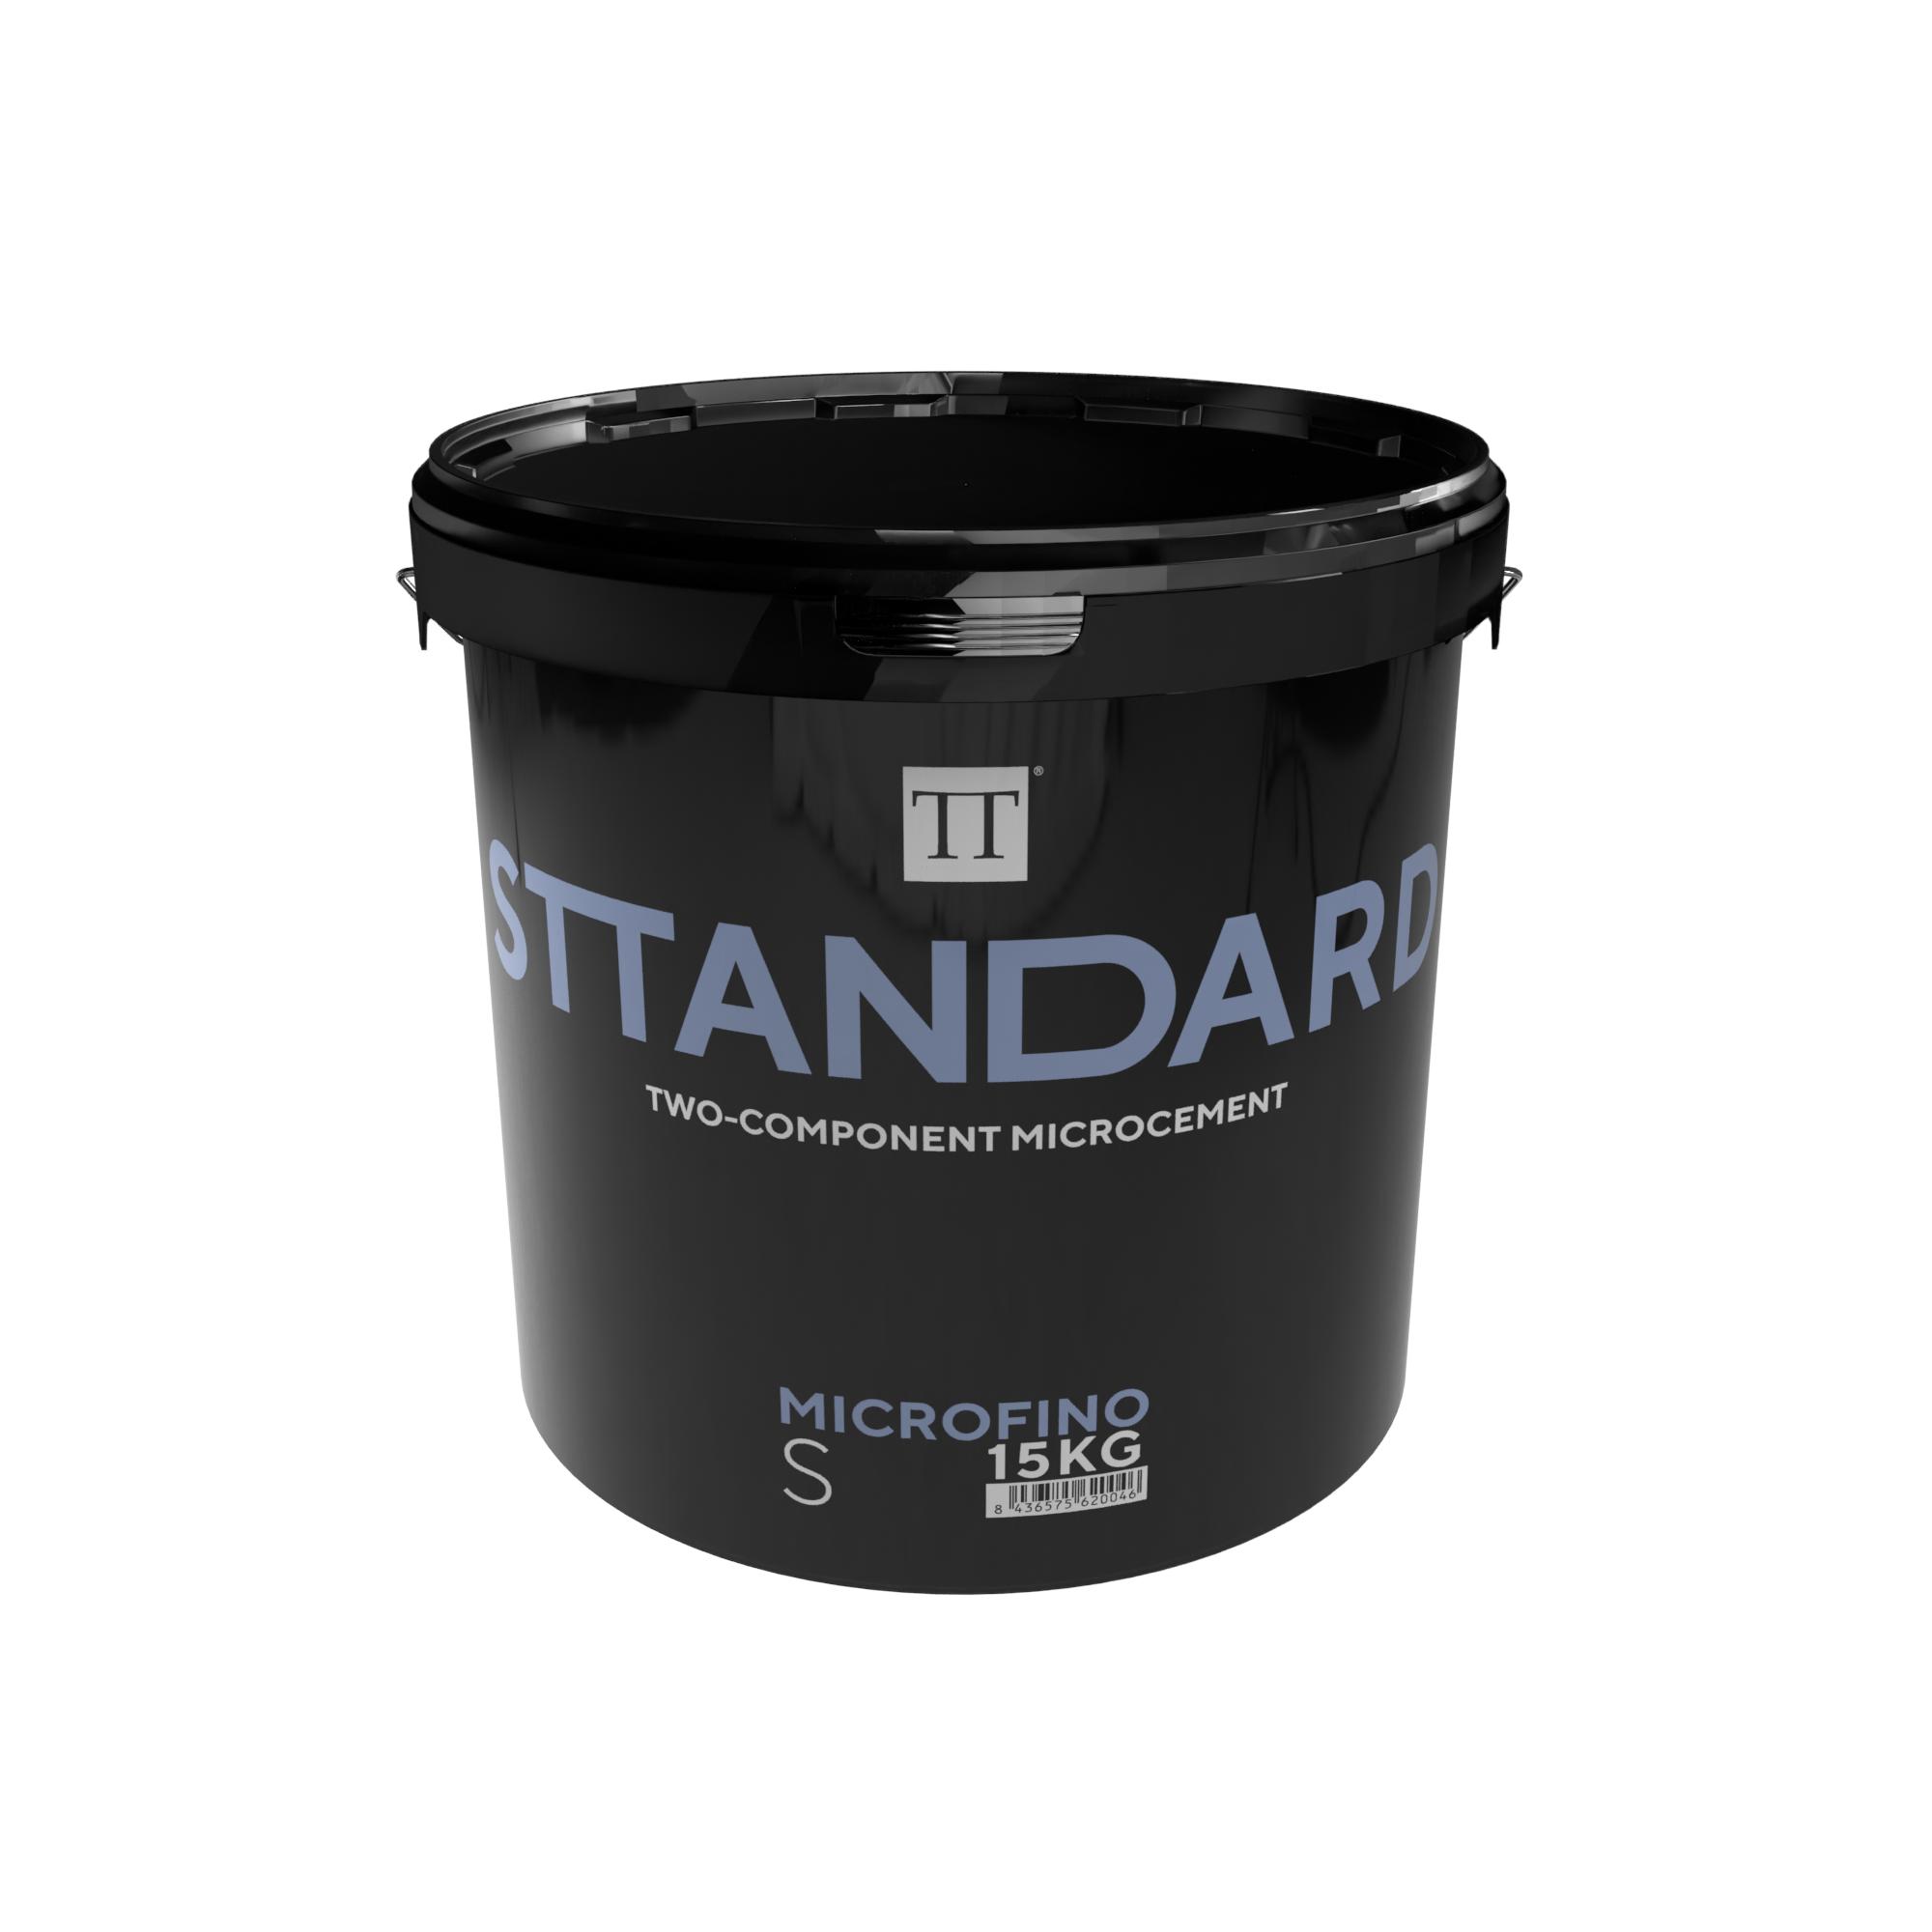 Sttandard Microfino S